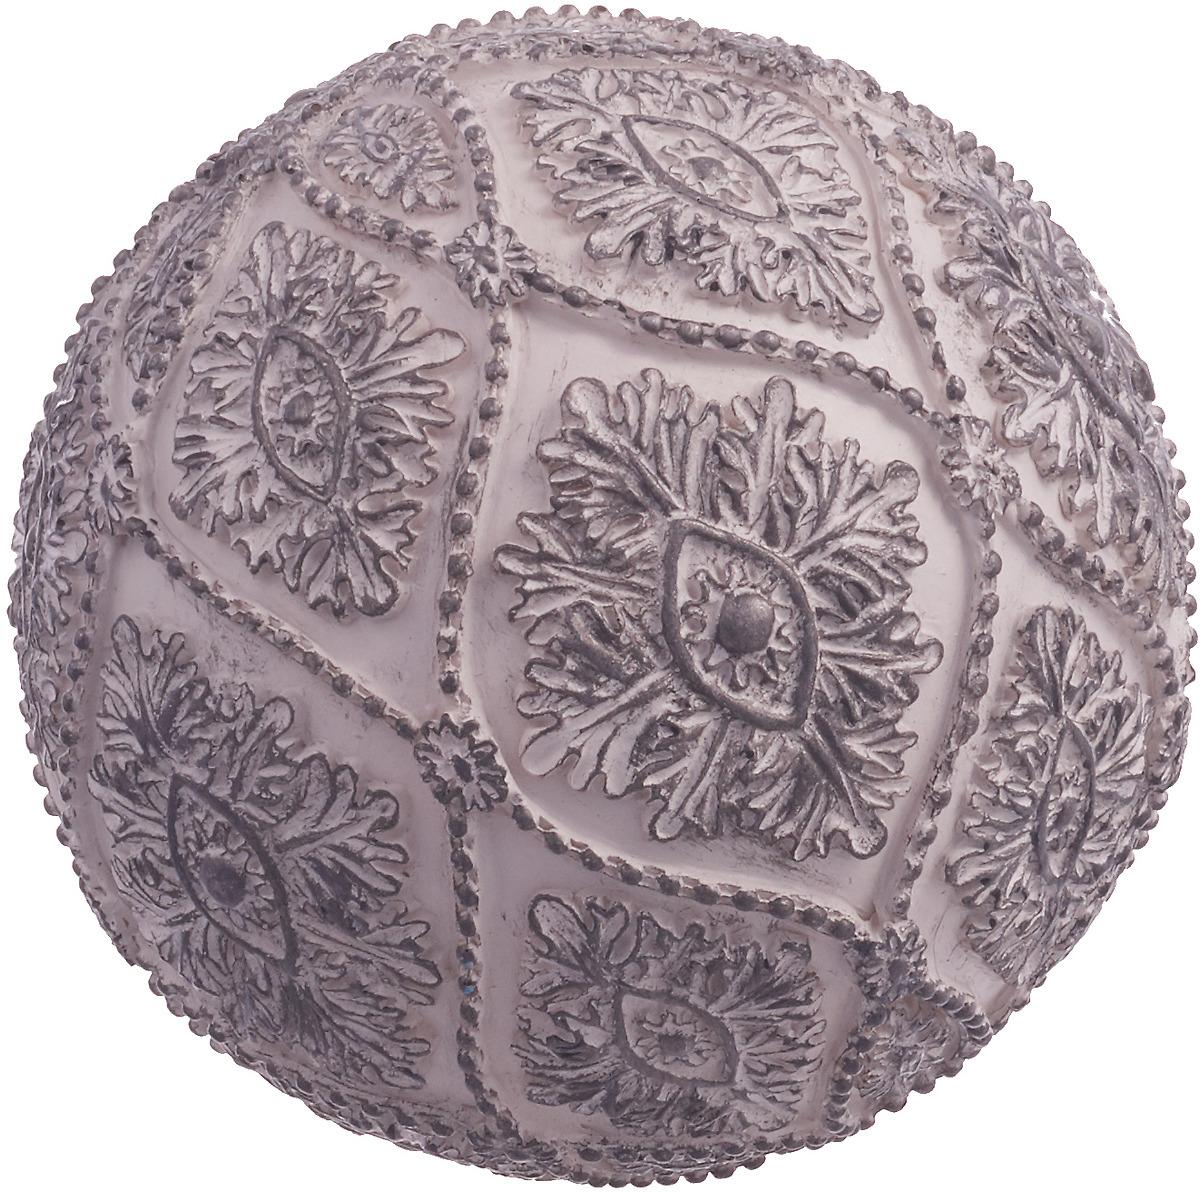 цена на Фигурка декоративная Lefard Шар, 450-703, серый, диаметр 10 см